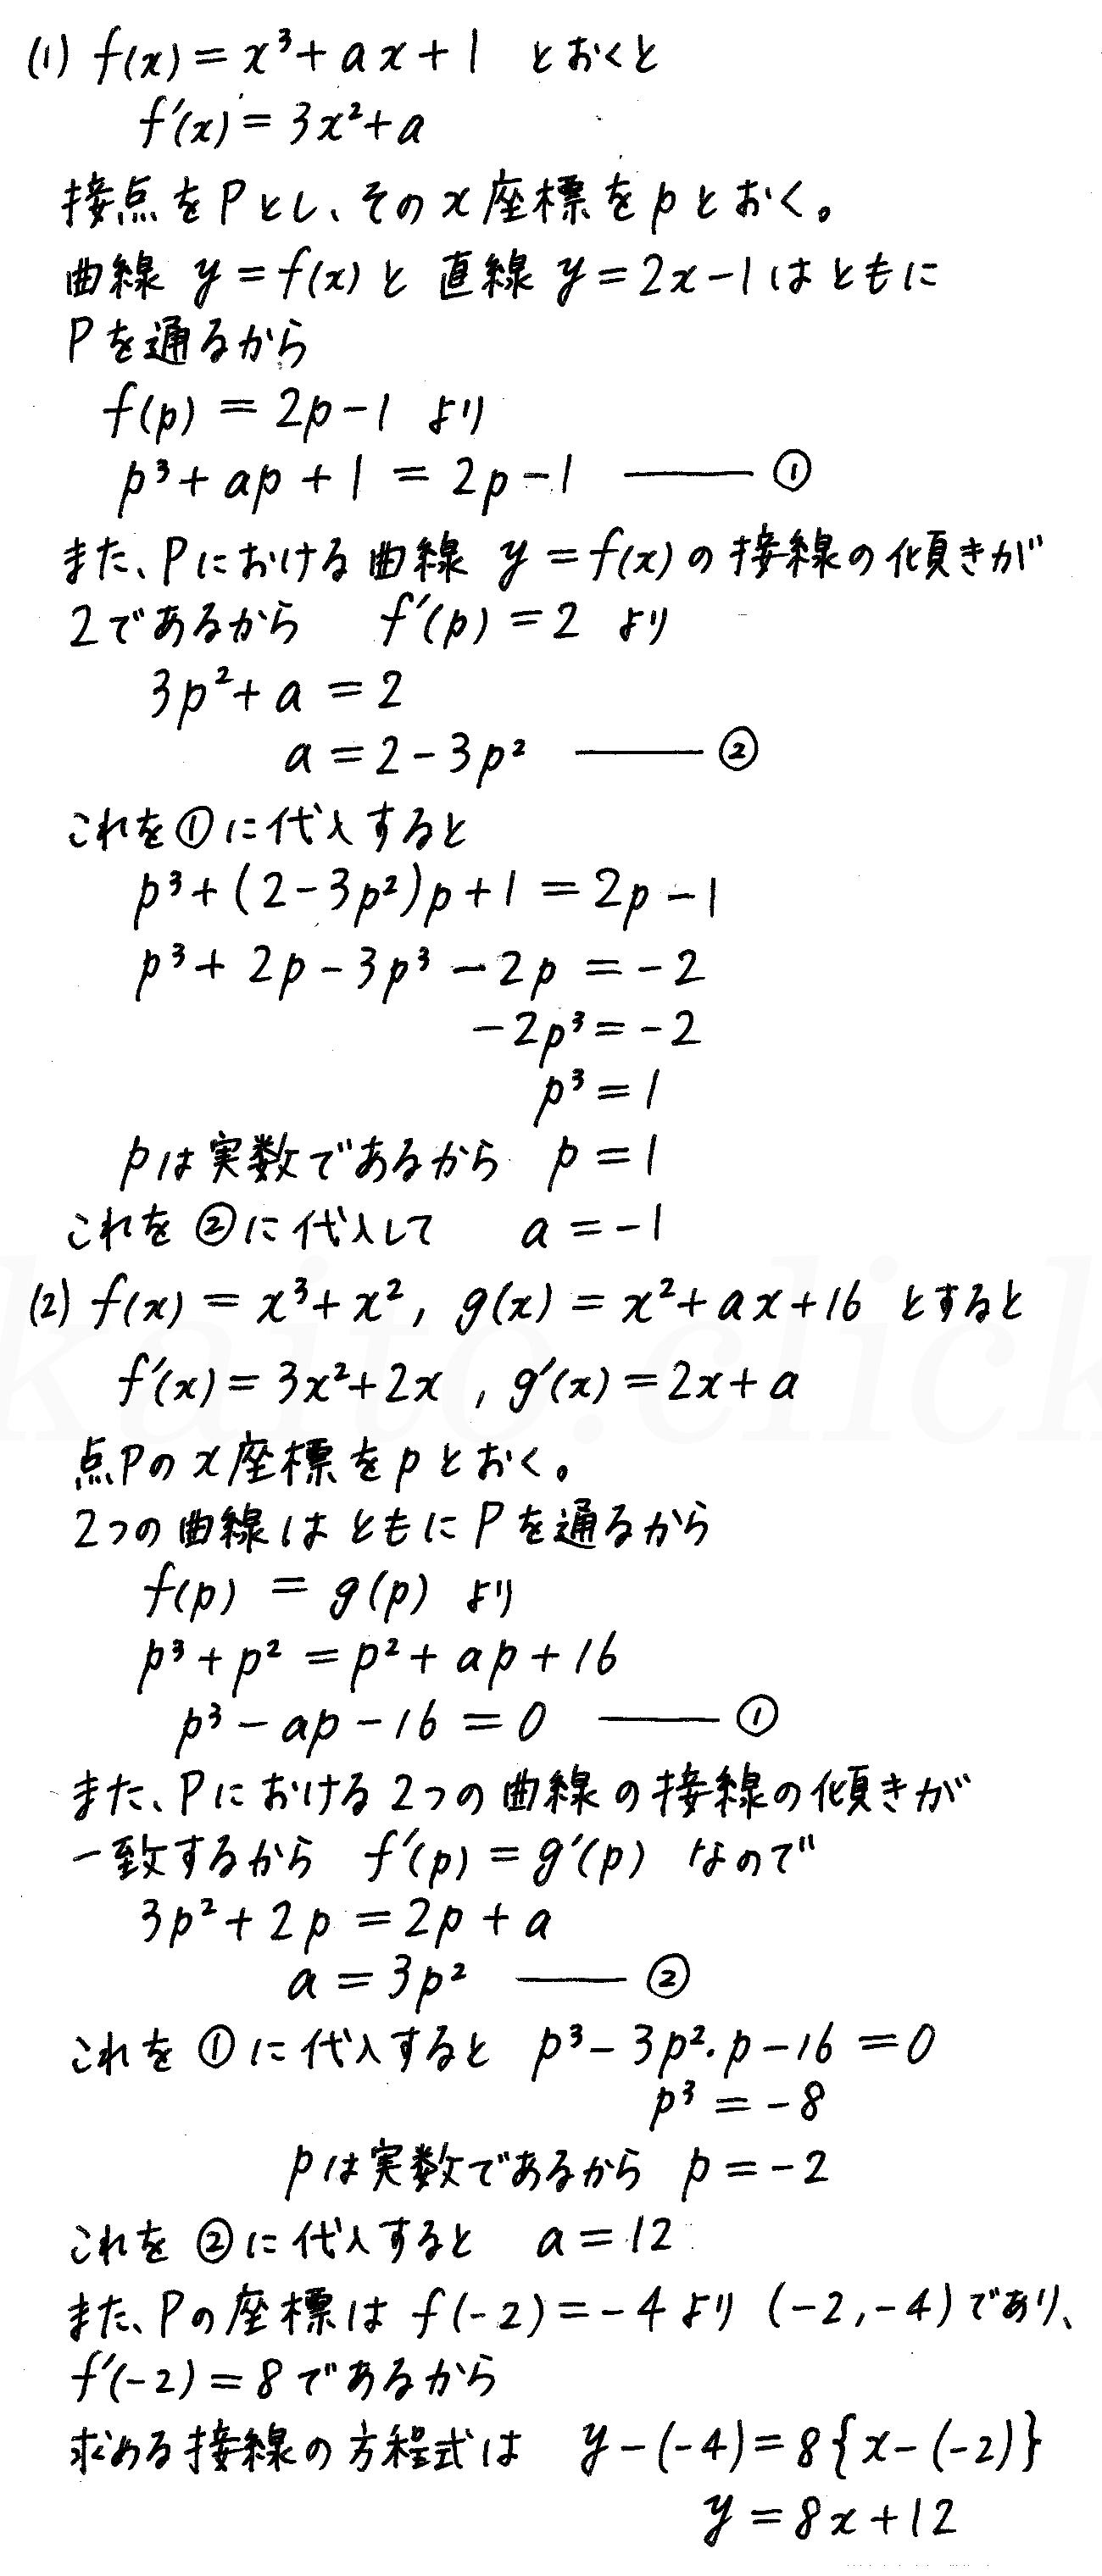 4STEP数学2-415解答